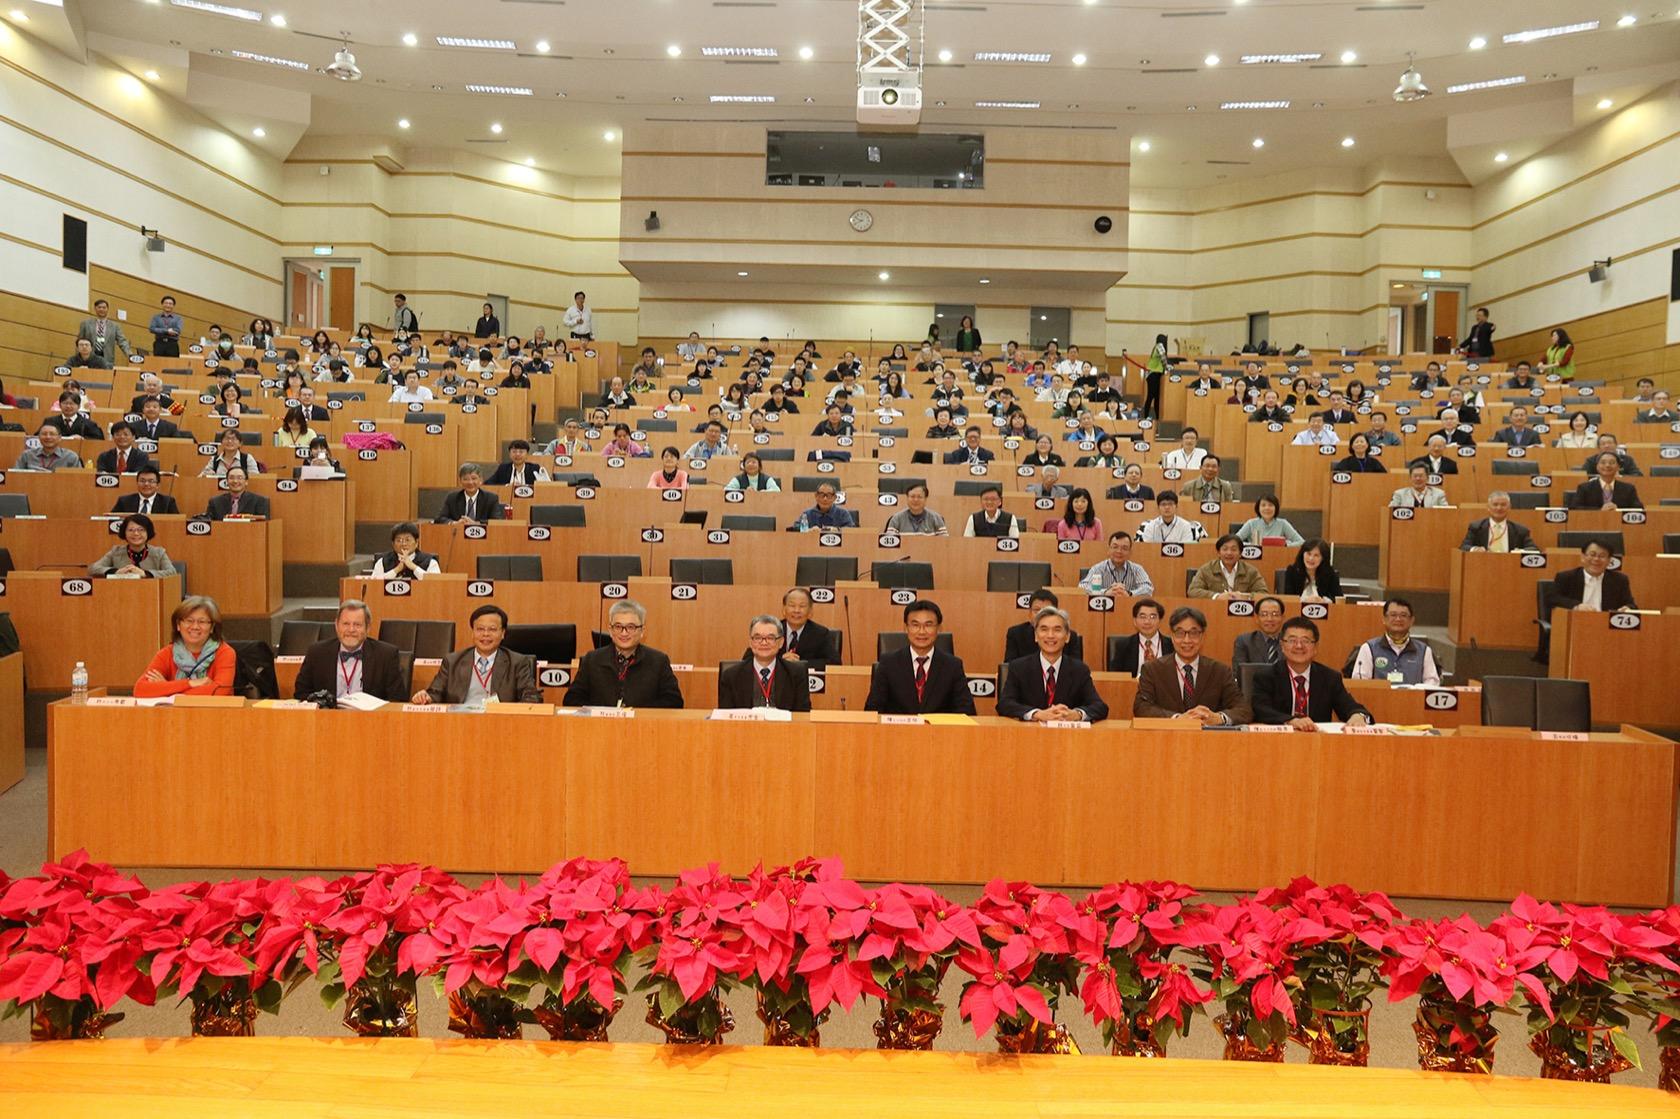 中華民國農學團體聯合年會 「跨域科技、前瞻創新」論壇 12月6日興大登場